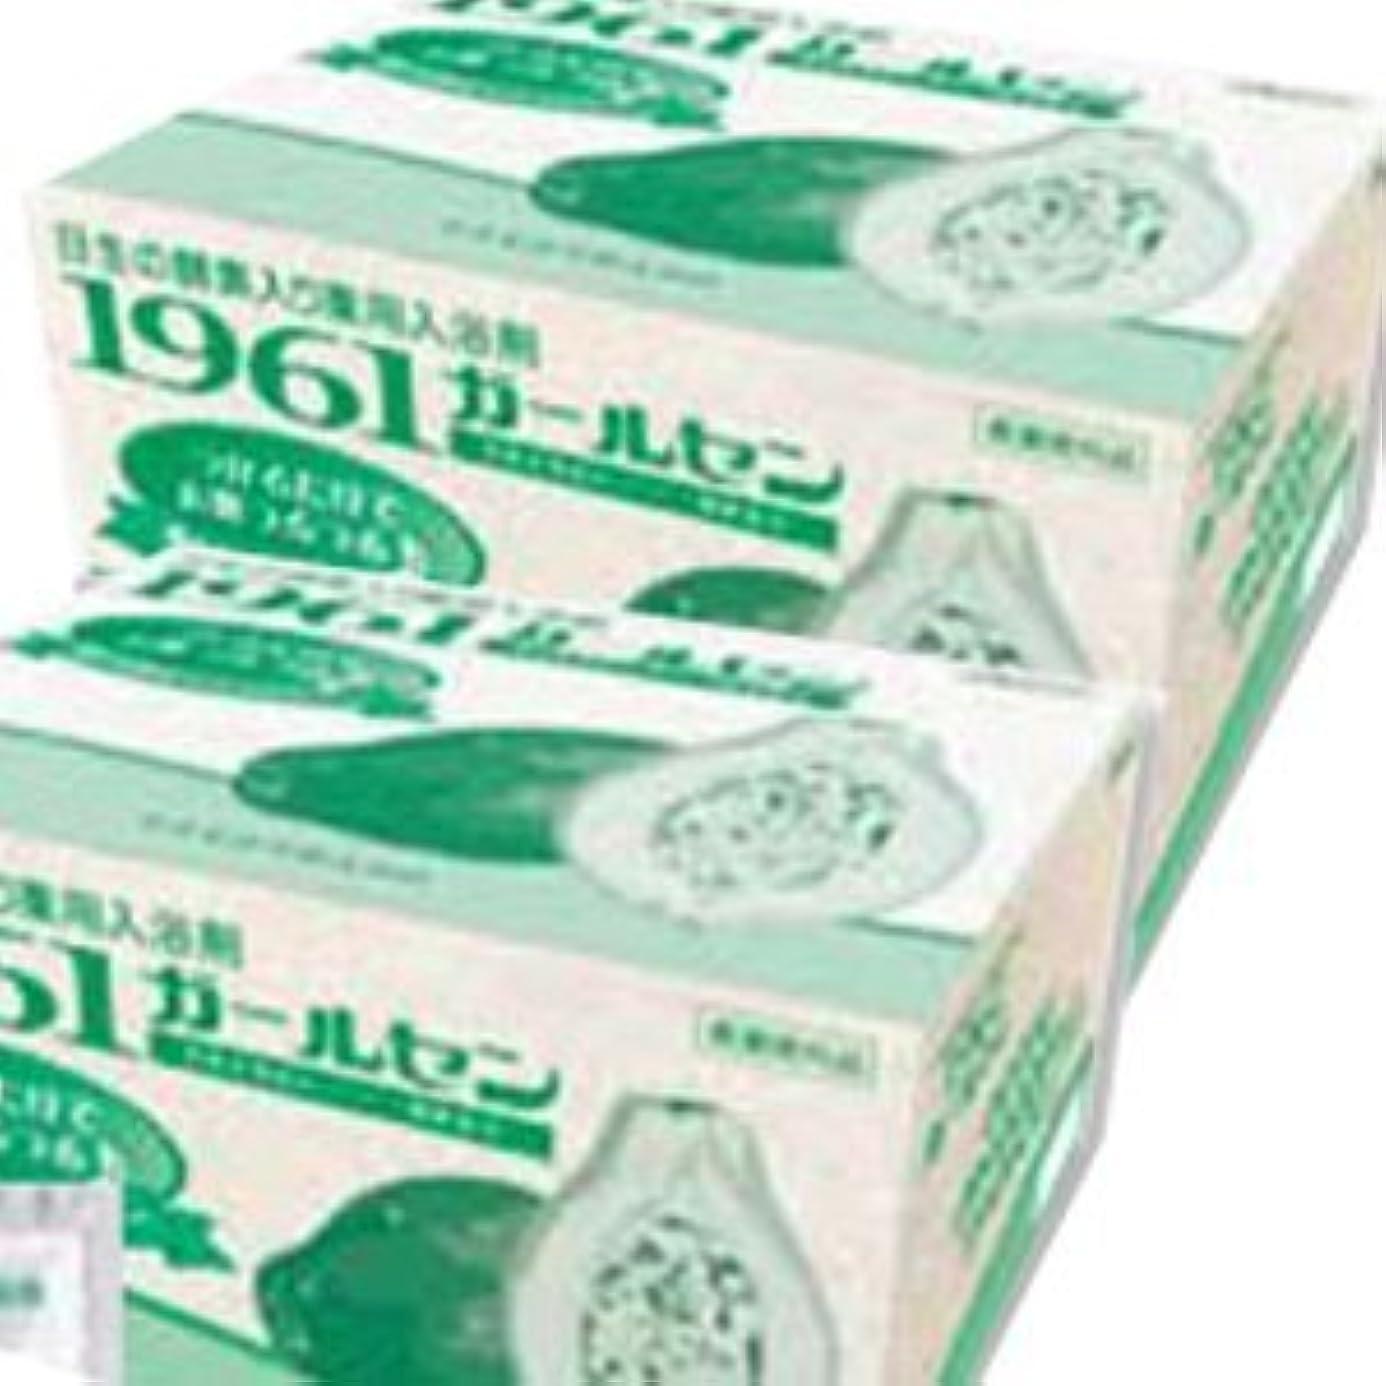 ハンディ定義するアクセサリー日本生化学 薬用入浴剤 1961ガールセン (20g×60包)×2箱 (医薬部外品)